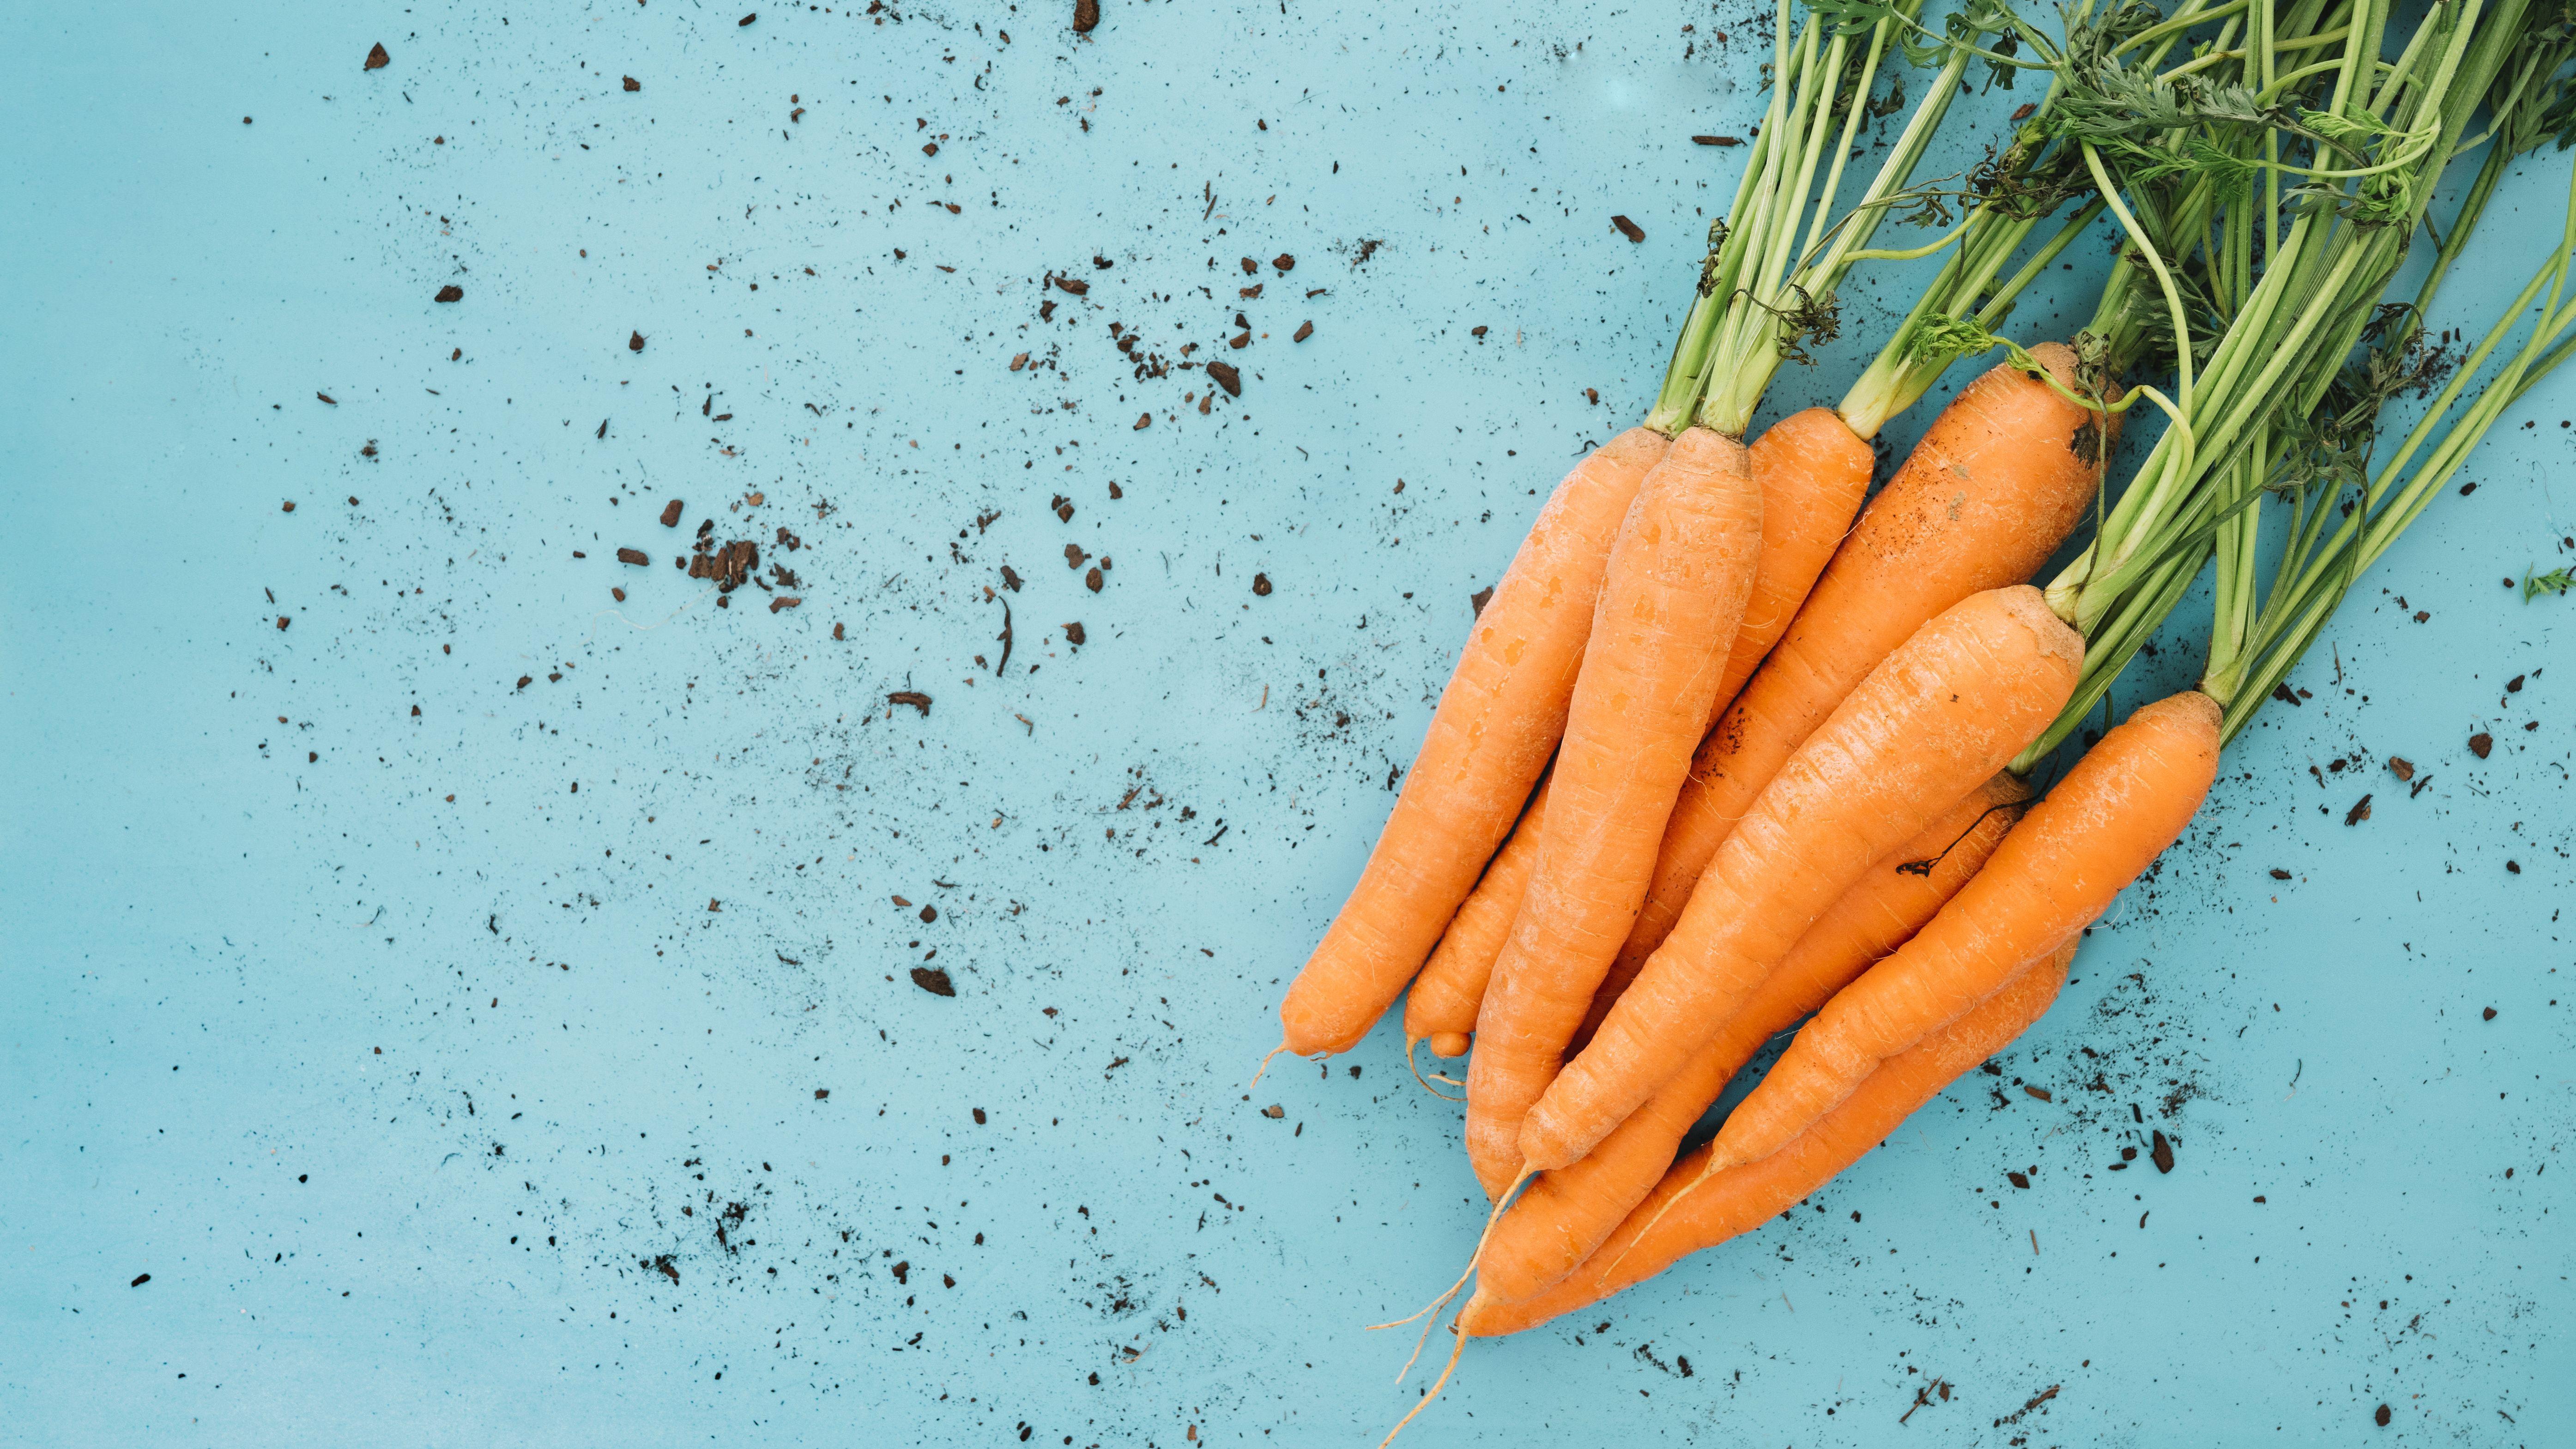 Для приготування маски натріть невелику моркву на терці і змішайте із сирим  жовтком. Нанесіть на шкіру на 10 хв і змийте теплою водою. 99727795f1448